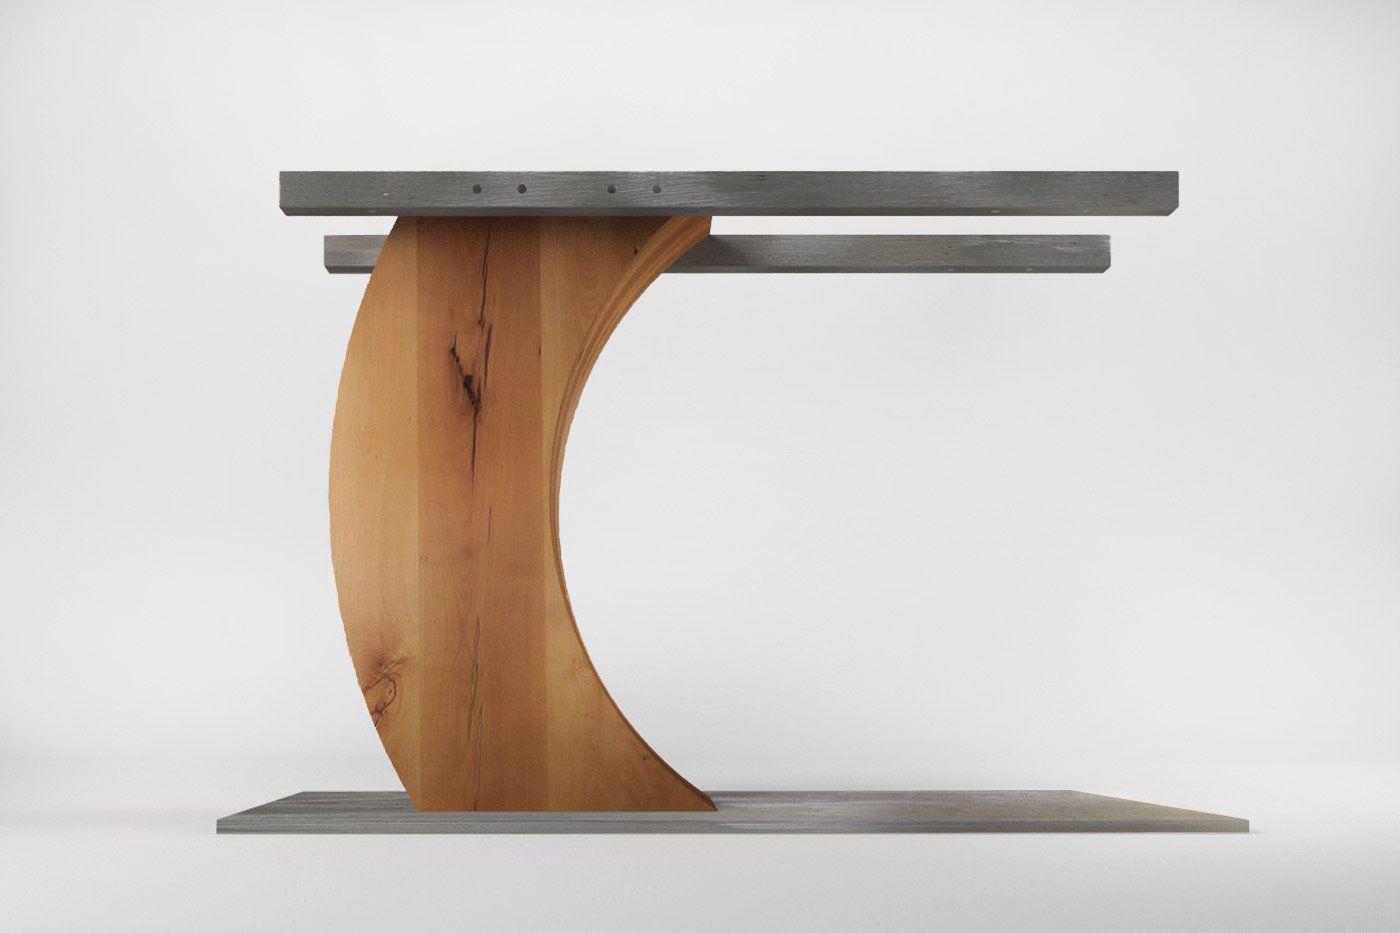 Tisch Untergestell Ravid Buche In 2020 Tischgestell Tisch Und